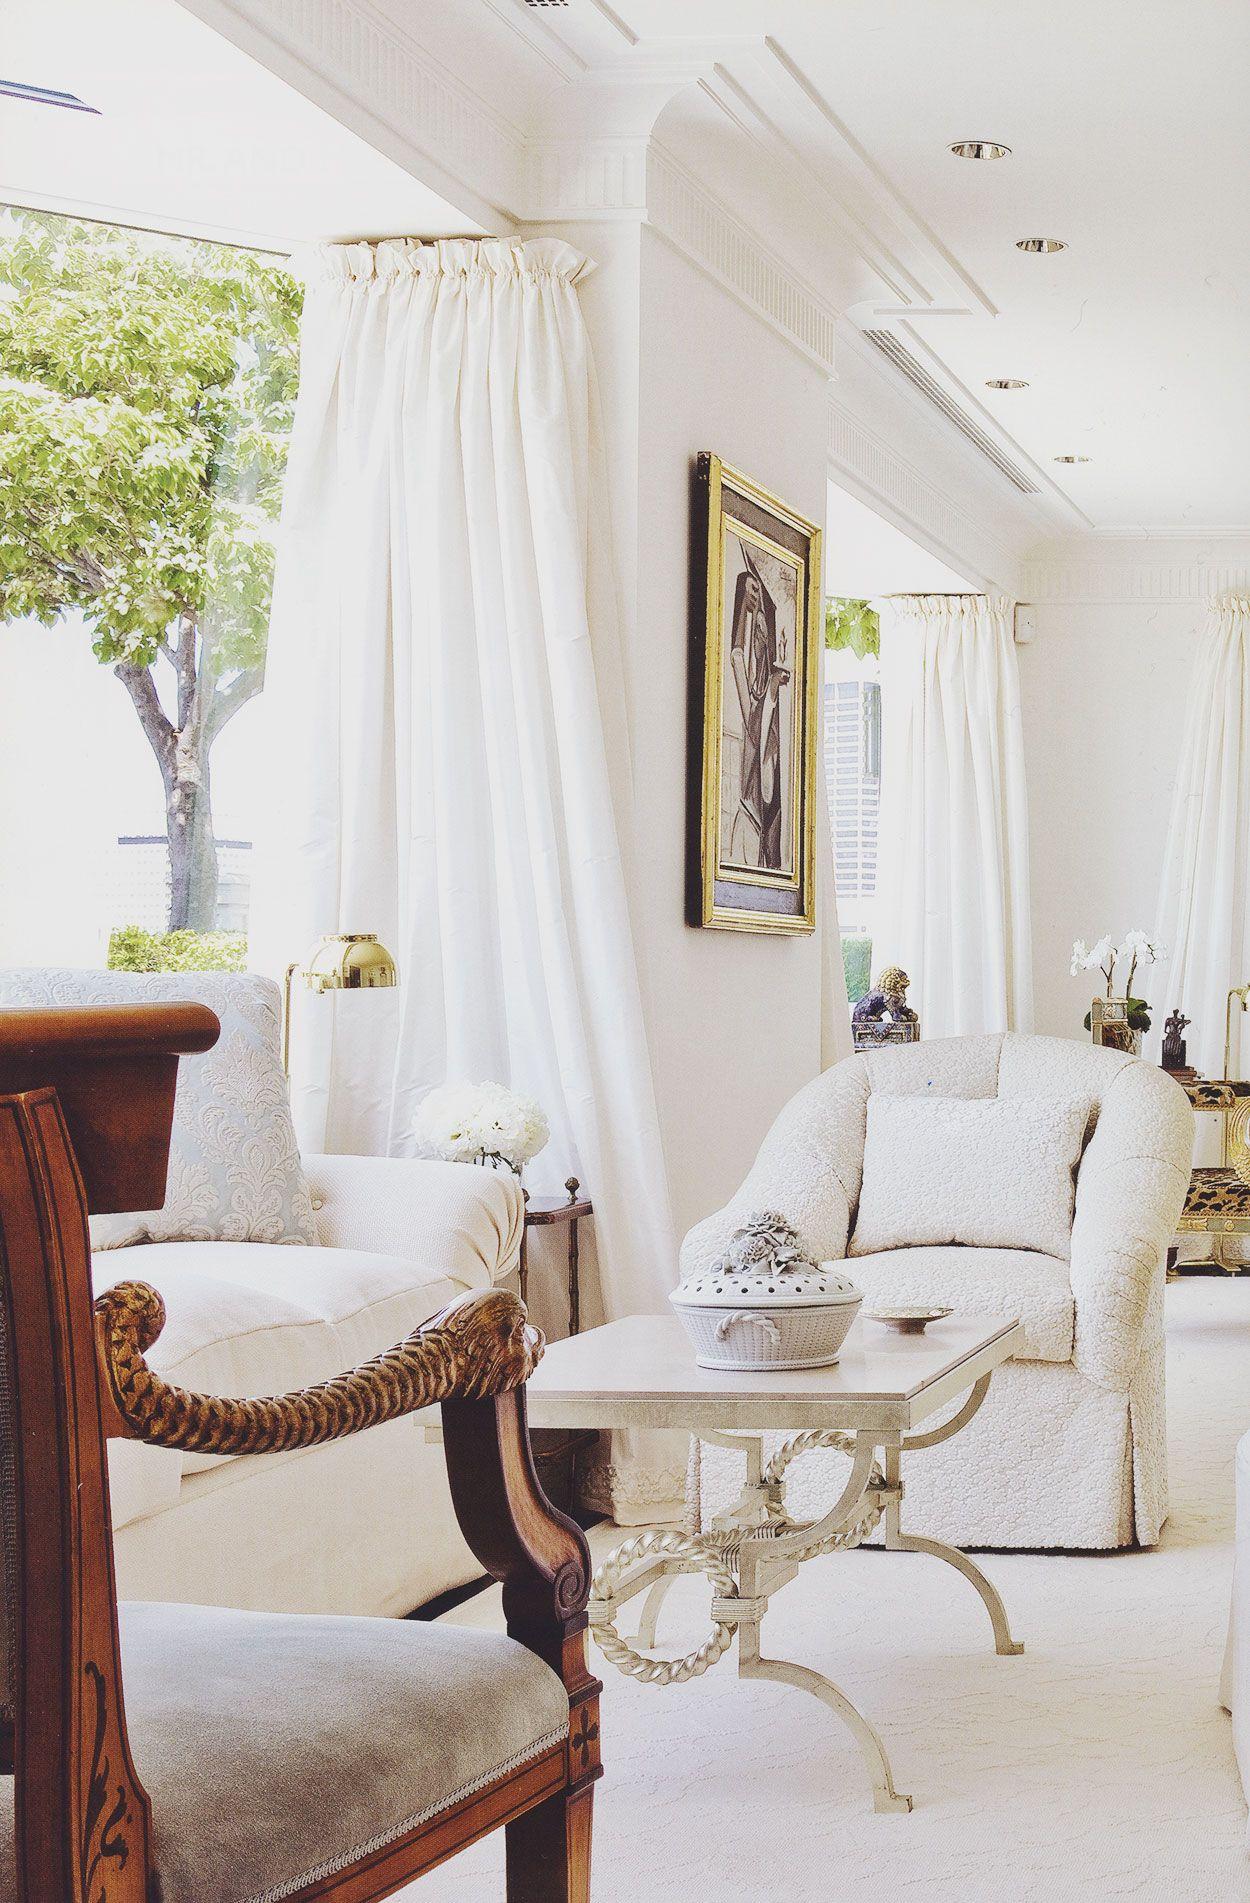 Best Interior Design Of Living Room: William Hodgins Interiors, Boston